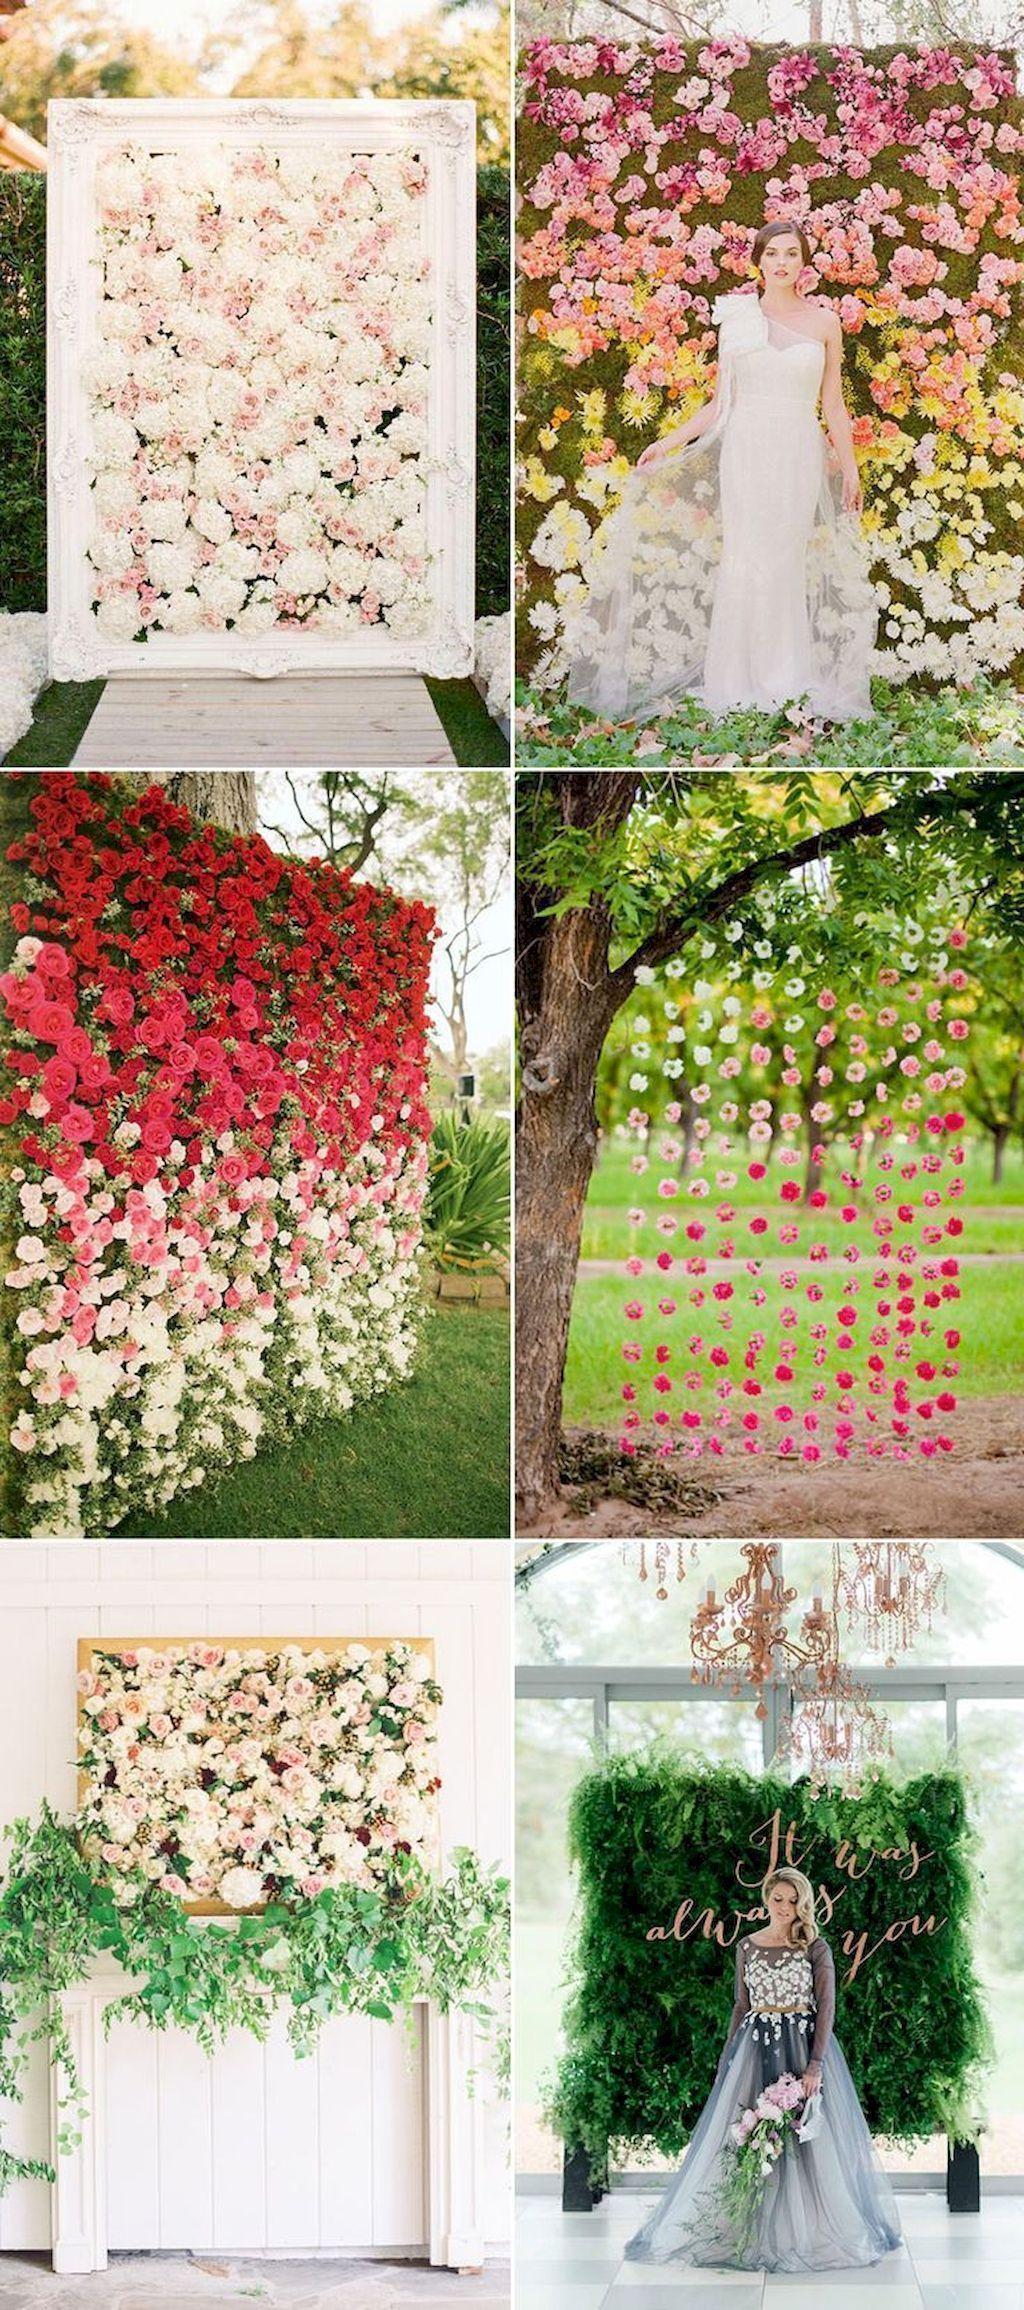 Diy outside wedding decorations  Pin by Gabriela Salles on Casamento Carol  Pinterest  Wedding